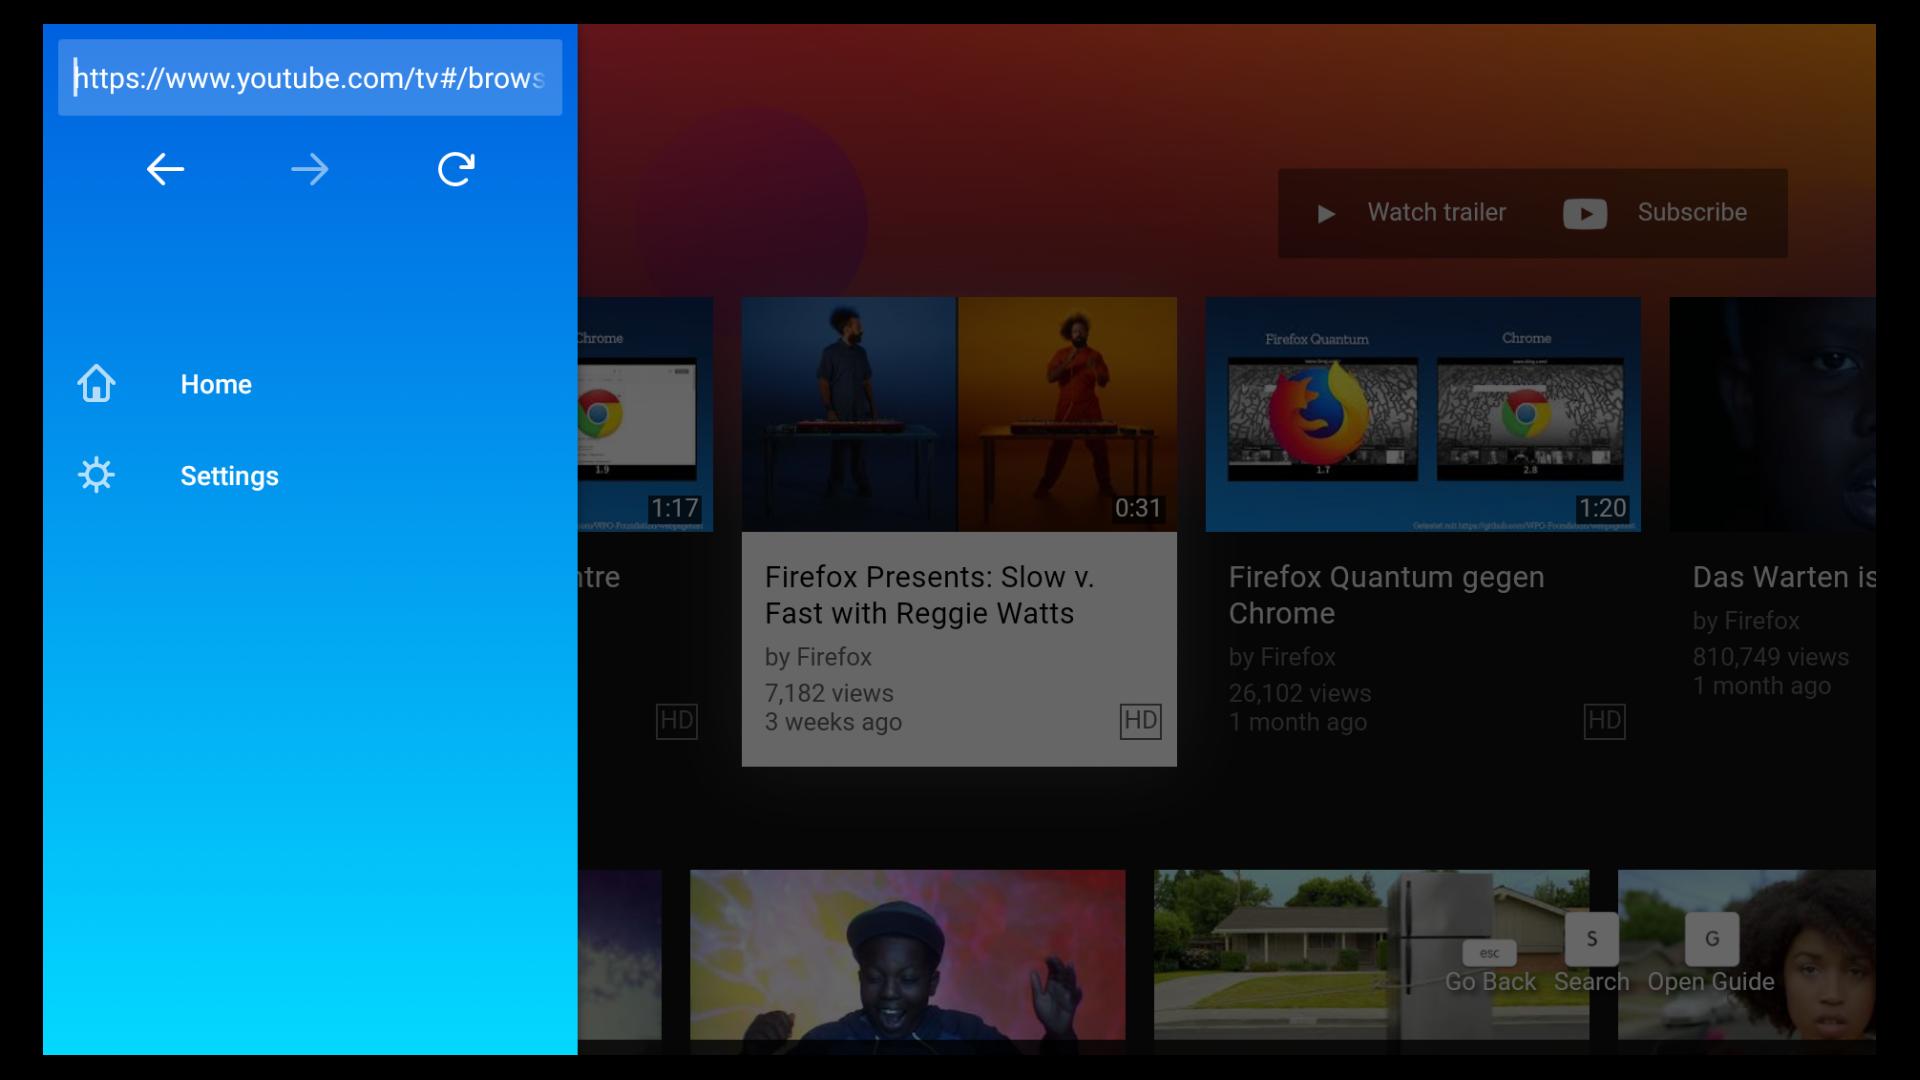 Firefox lands on Amazon's Fire TV | TechCrunch